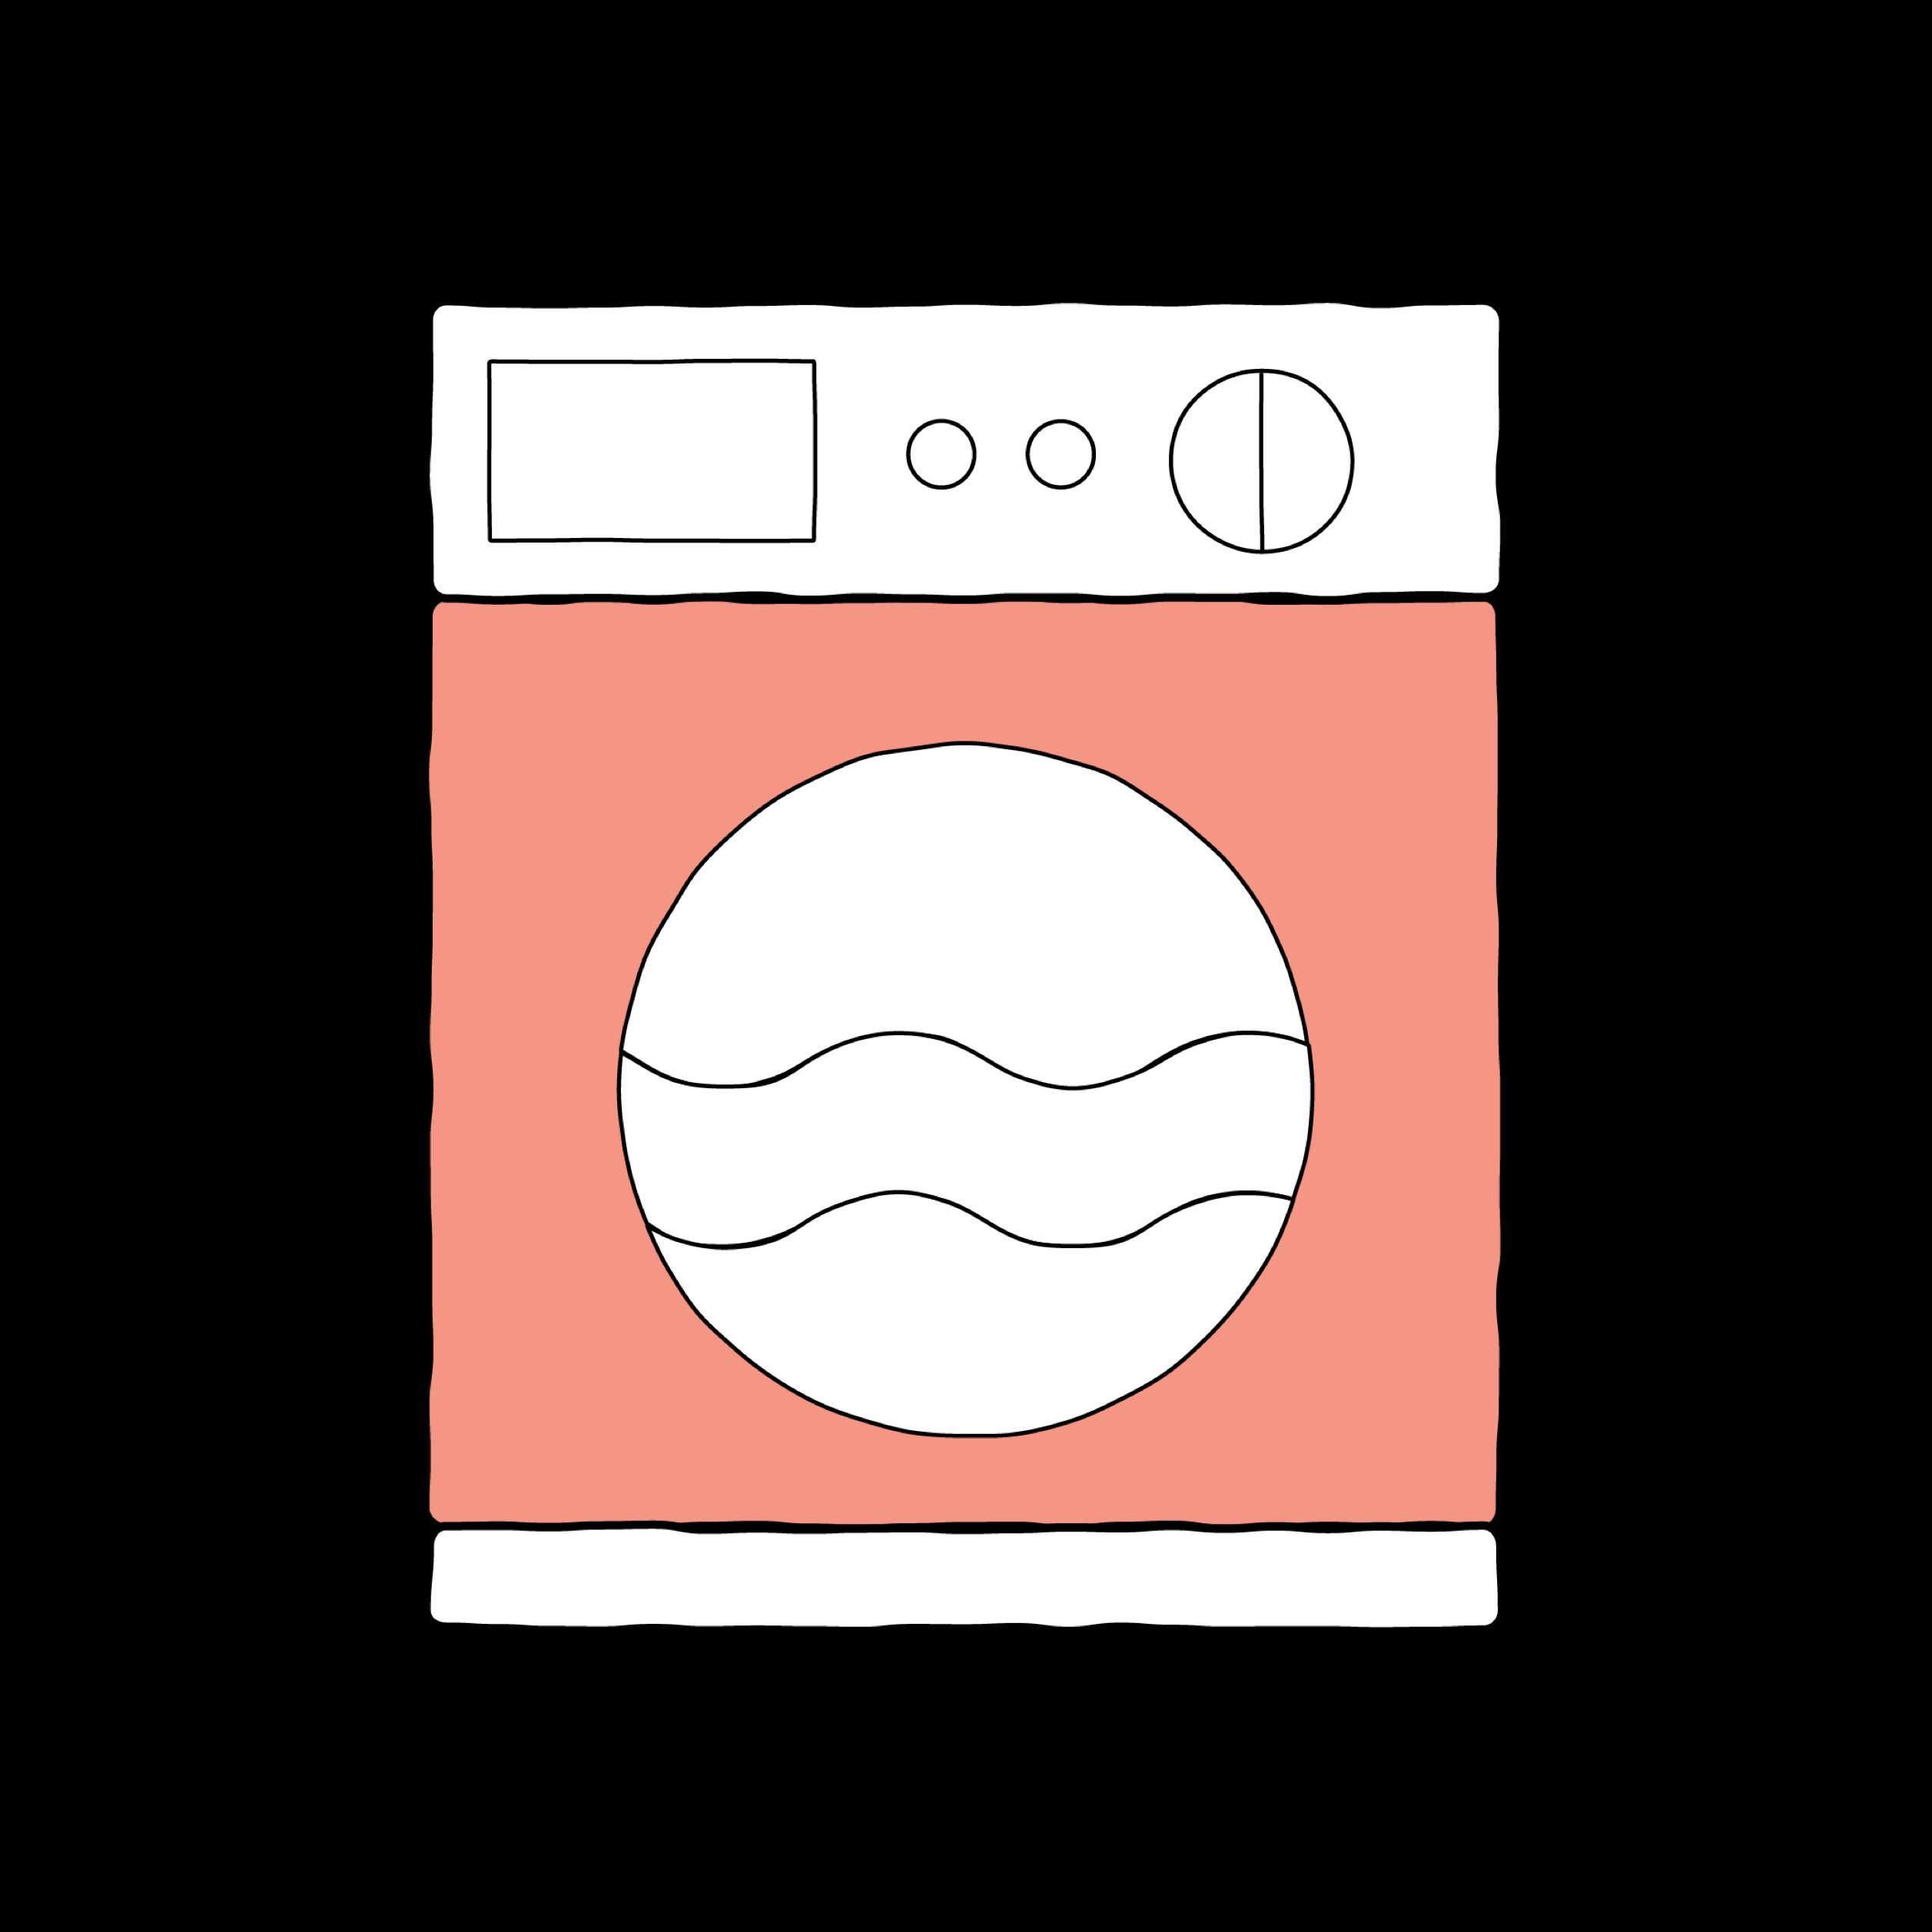 תחתוני מודיבודי כביסה